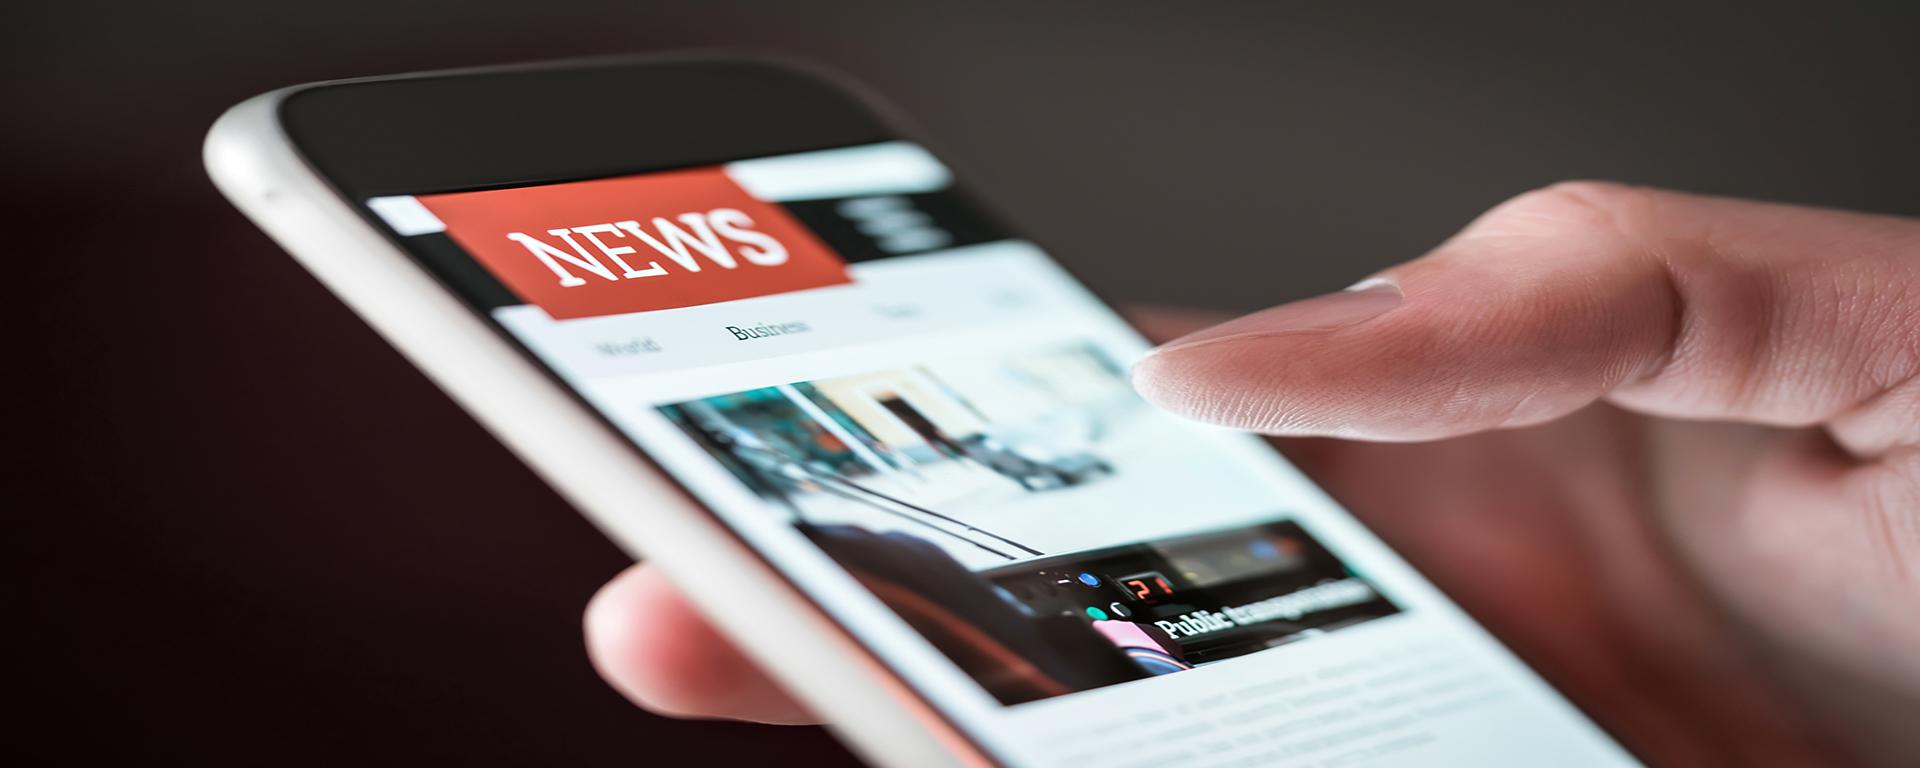 បដារូបភាពដៃកាន់ទូរសព្ទស្មាតហ្វូន។ អេក្រង់ទូរសព្ទស្មាតហ្វូនបង្ហាញរូបភាពគេហទំព័រកម្មវិធី NEWS app។